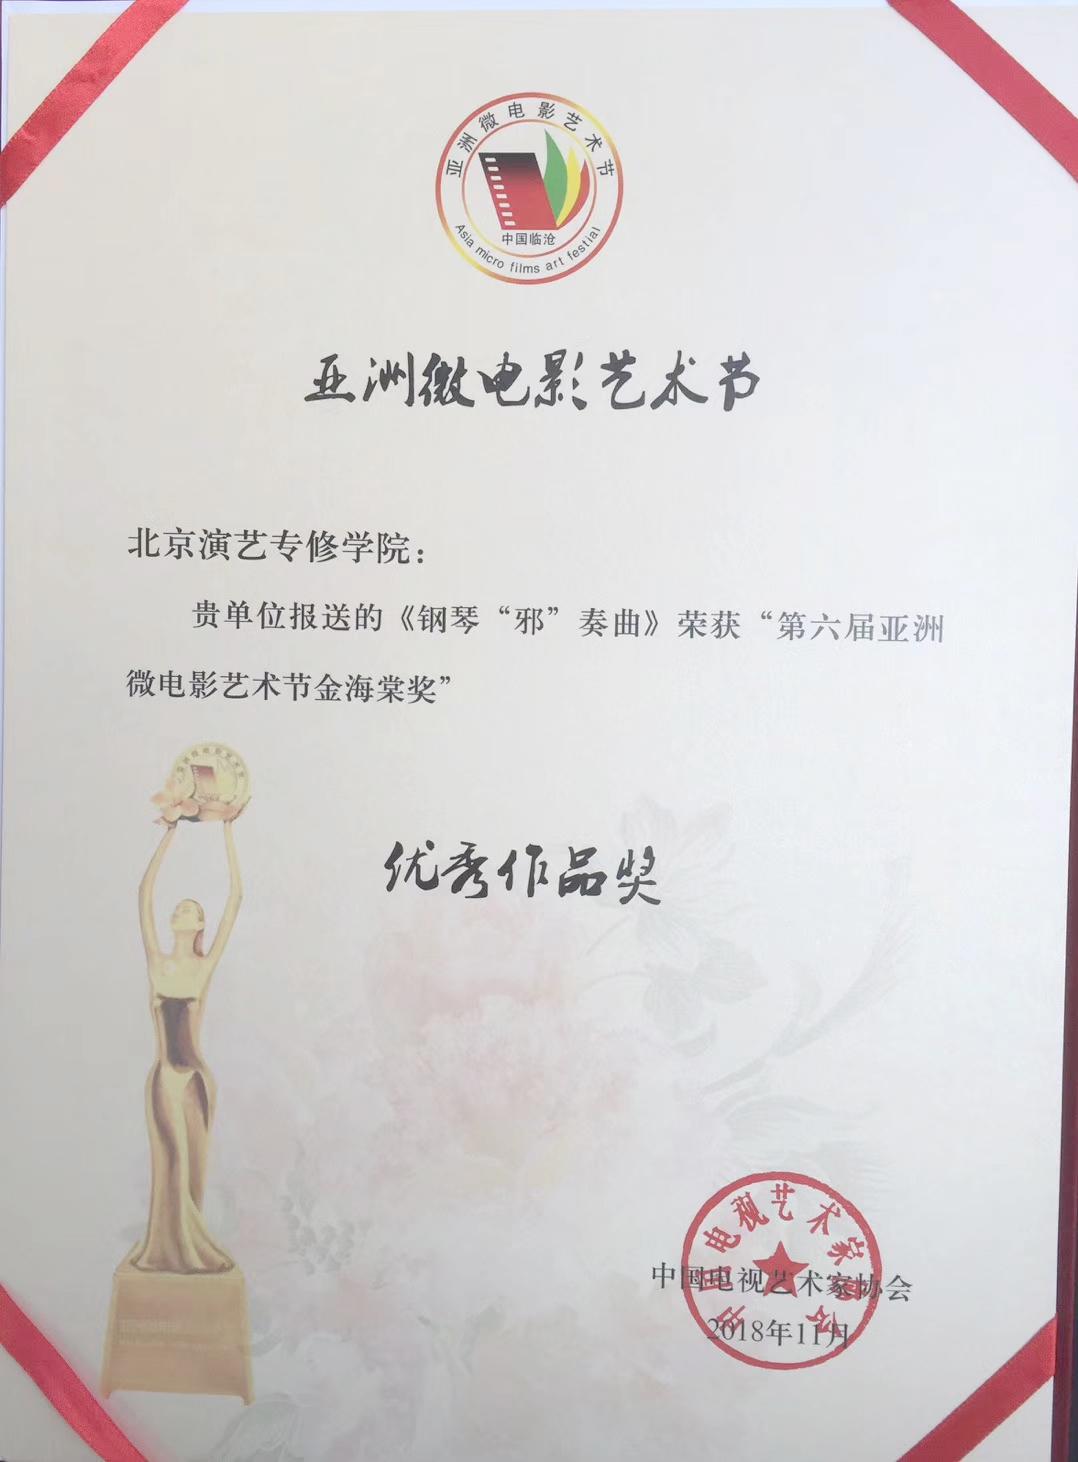 热烈祝贺万博官网首页APP师生创作的作品在第六届亚洲微电影艺术节